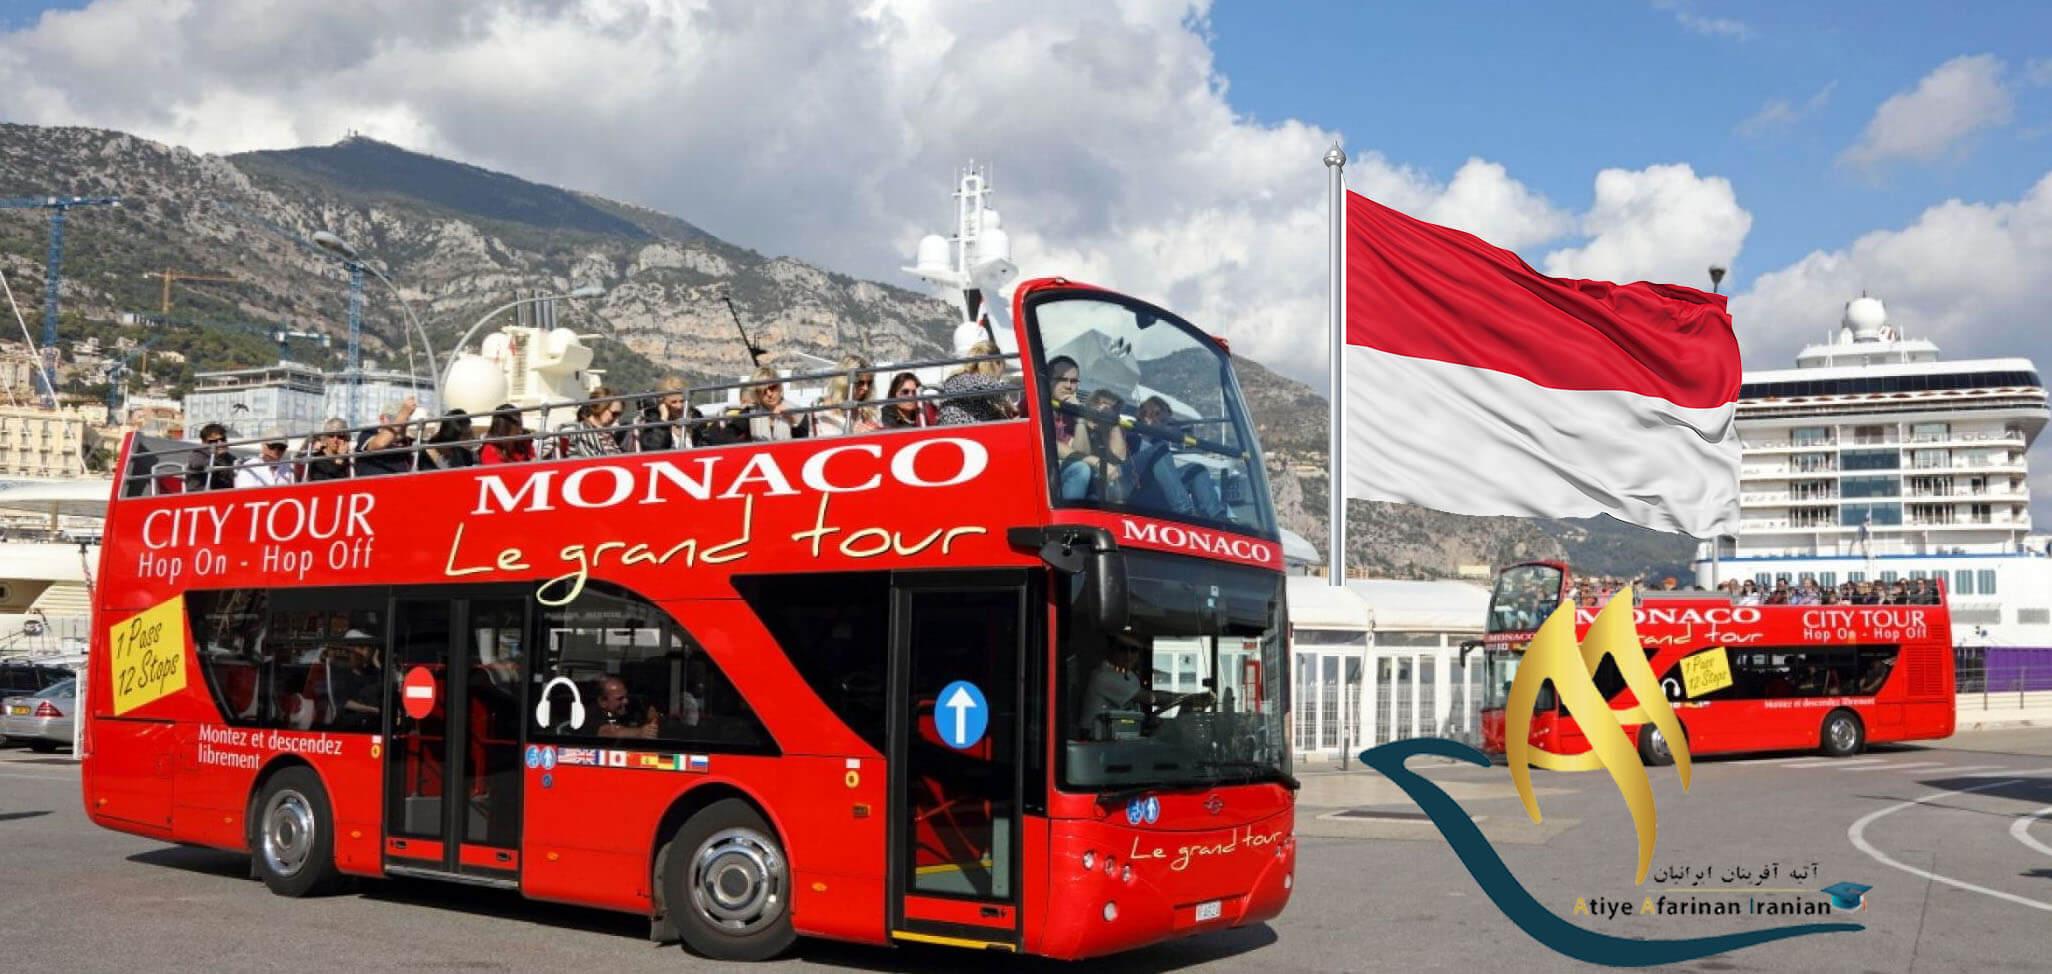 شرایط و هزینه زندگی در موناکو